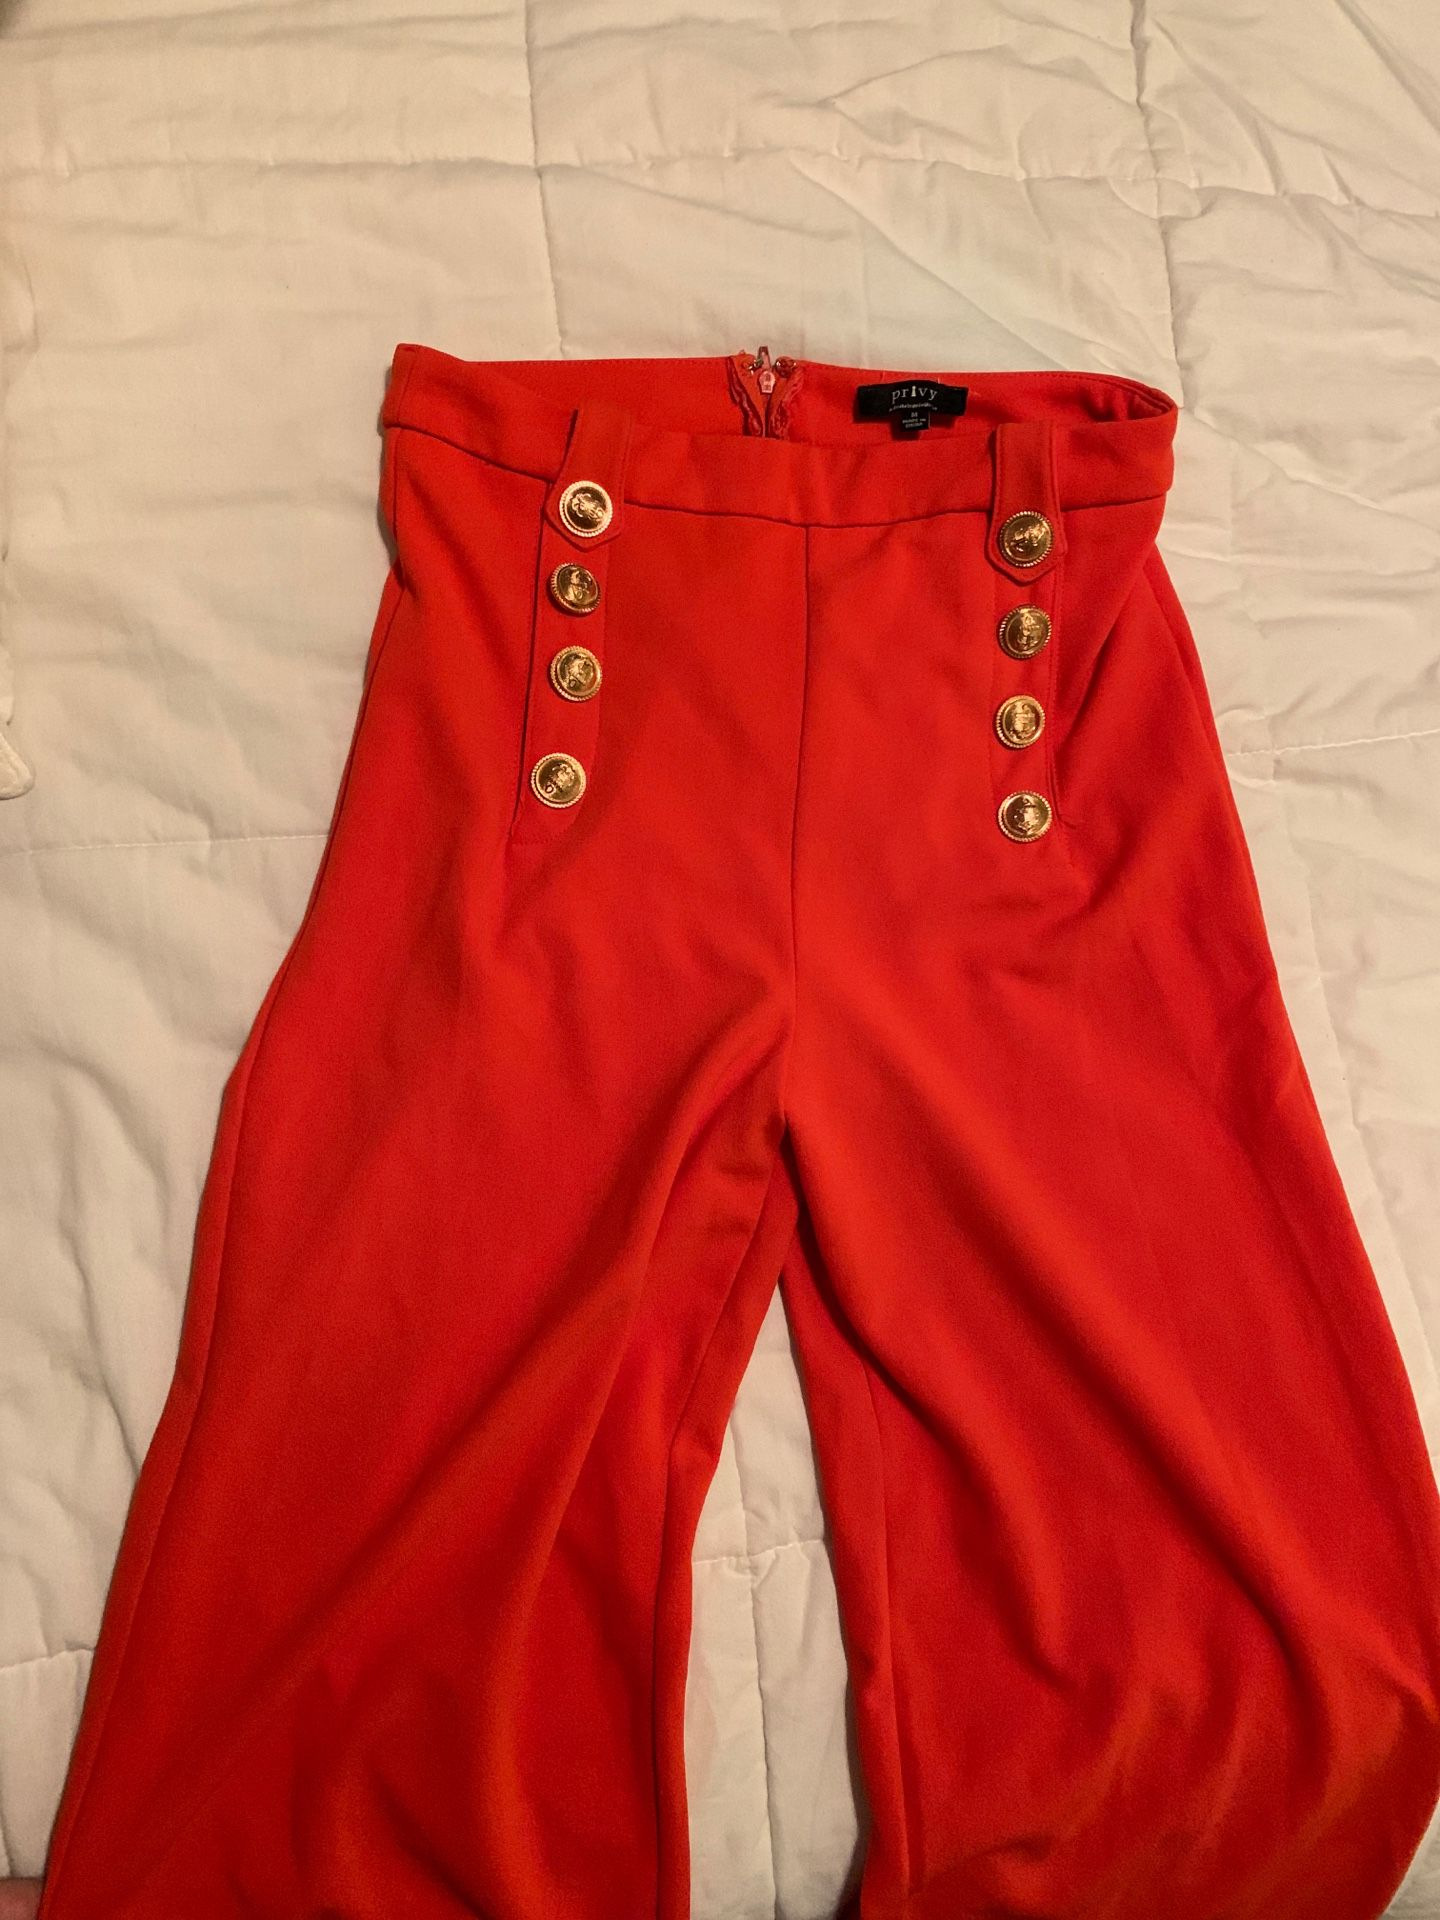 Orange loose pants size medium